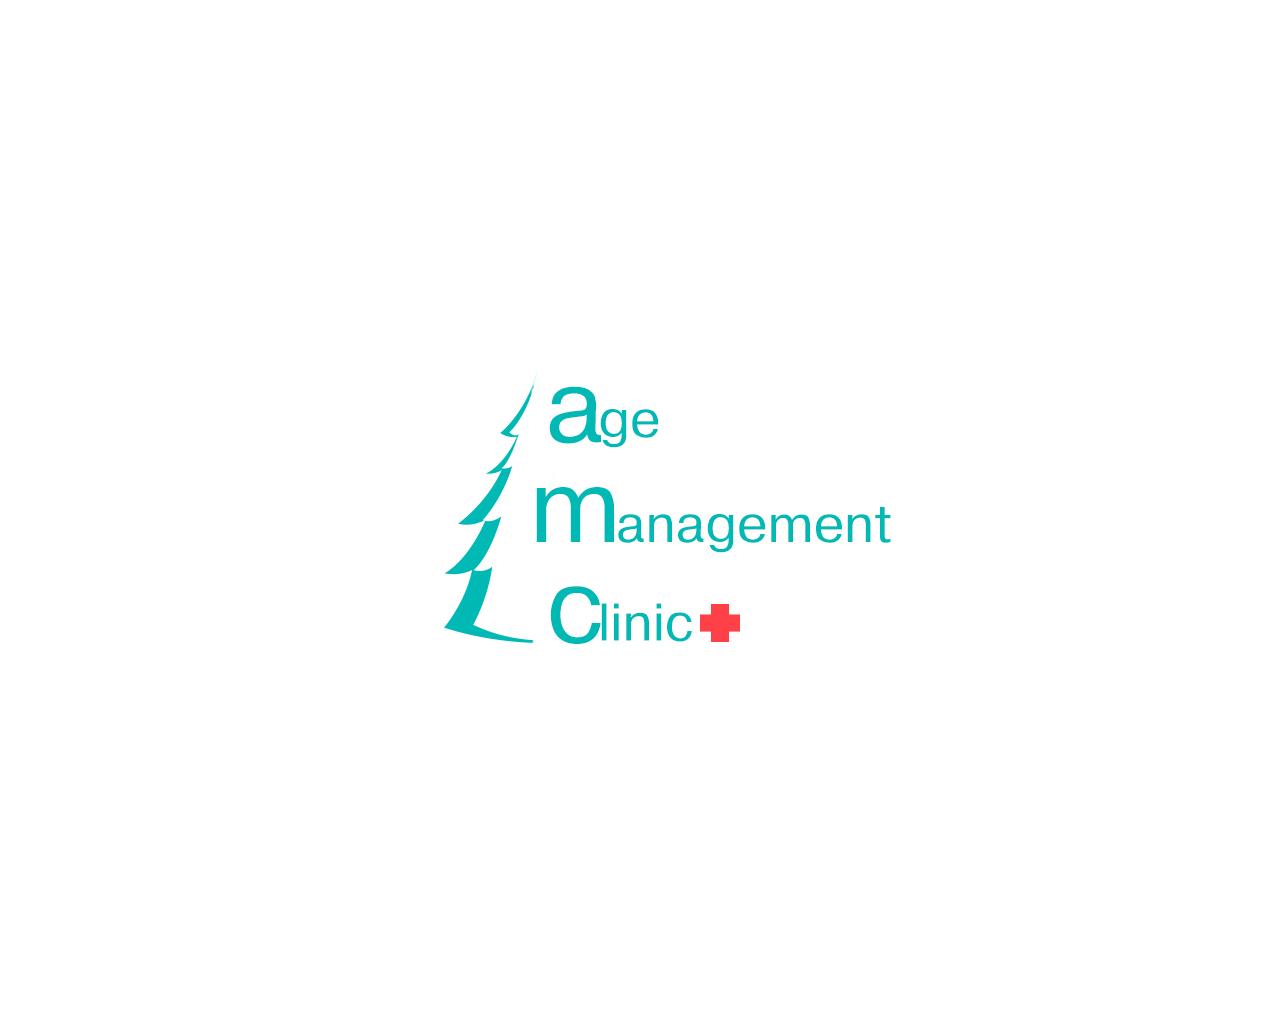 Логотип для медицинского центра (клиники)  фото f_3765b9cb3c26dd2a.jpg